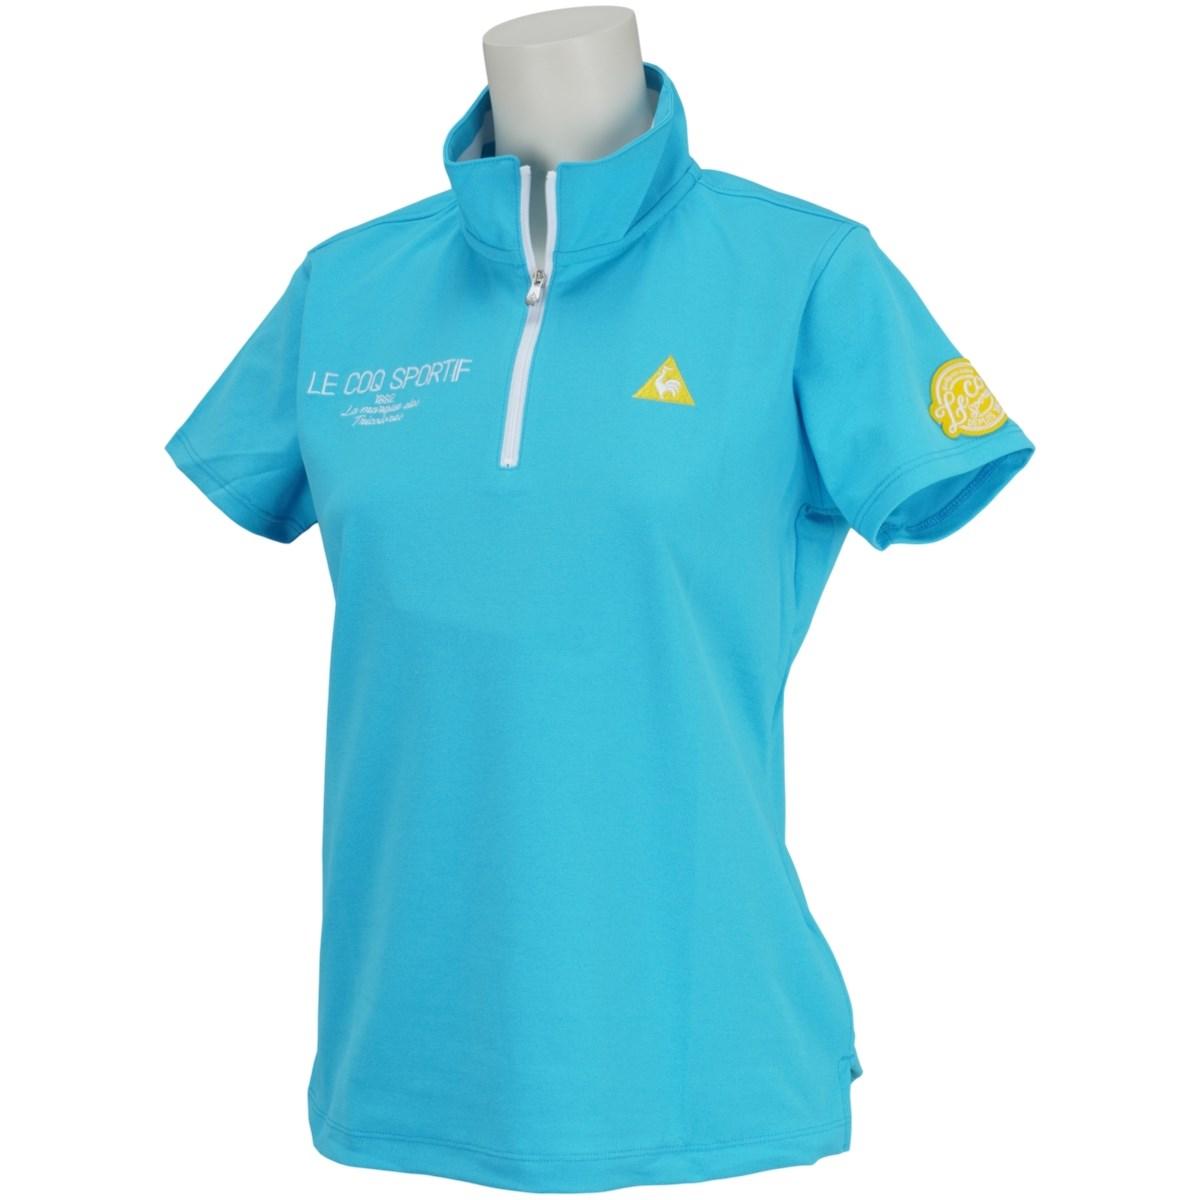 ルコックゴルフ Le coq sportif GOLF ハーフジップスタンドカラー 半袖シャツ S サックス 00 レディス